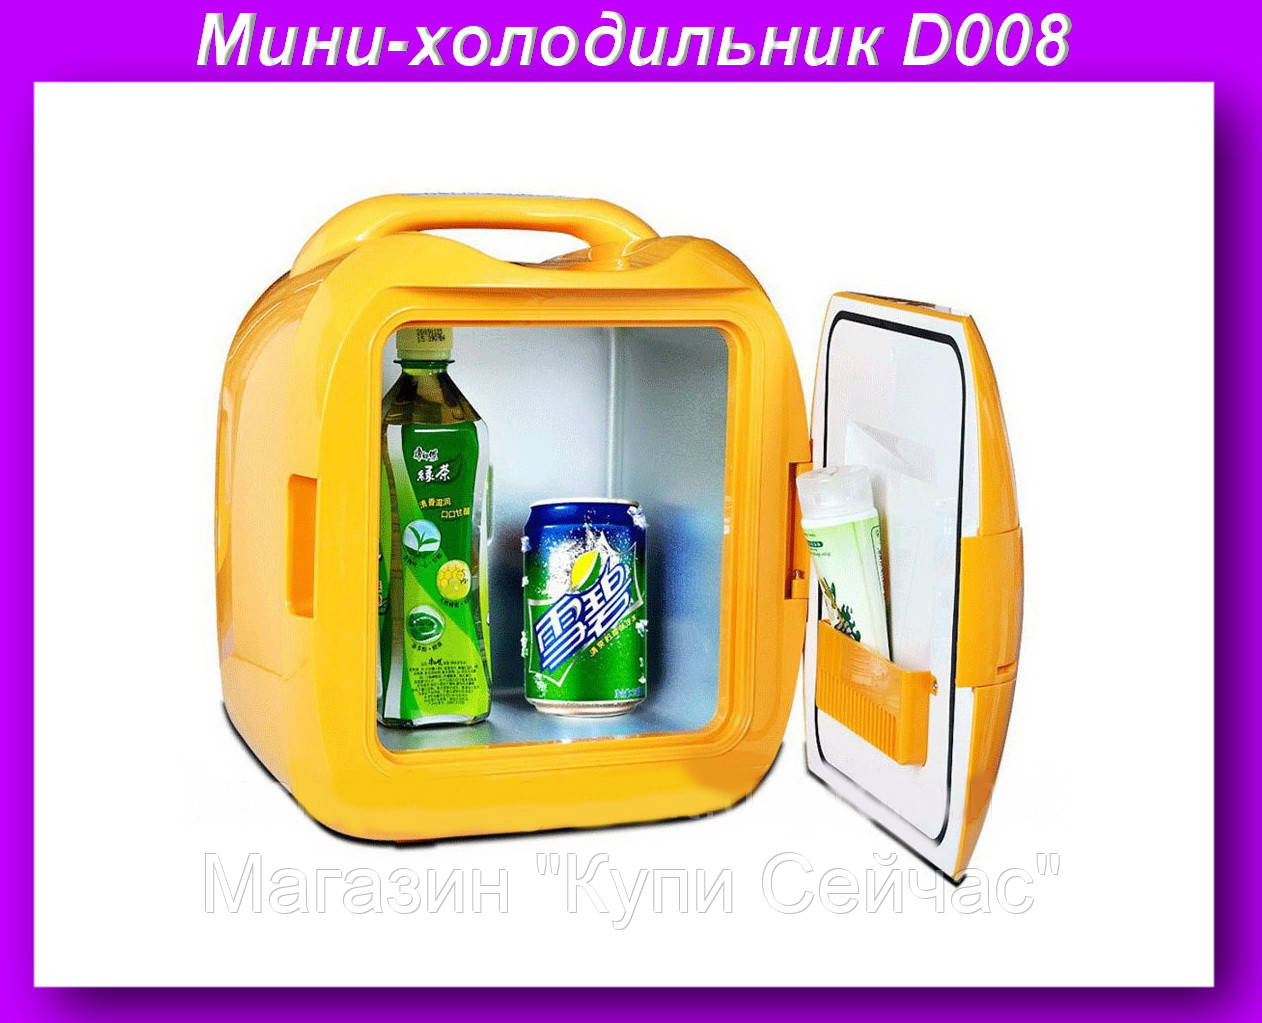 """Мини-холодильник Cong Bao D008,Переносной миниатюрный автомобильный холодильник - Магазин """"Купи Сейчас"""" в Одессе"""